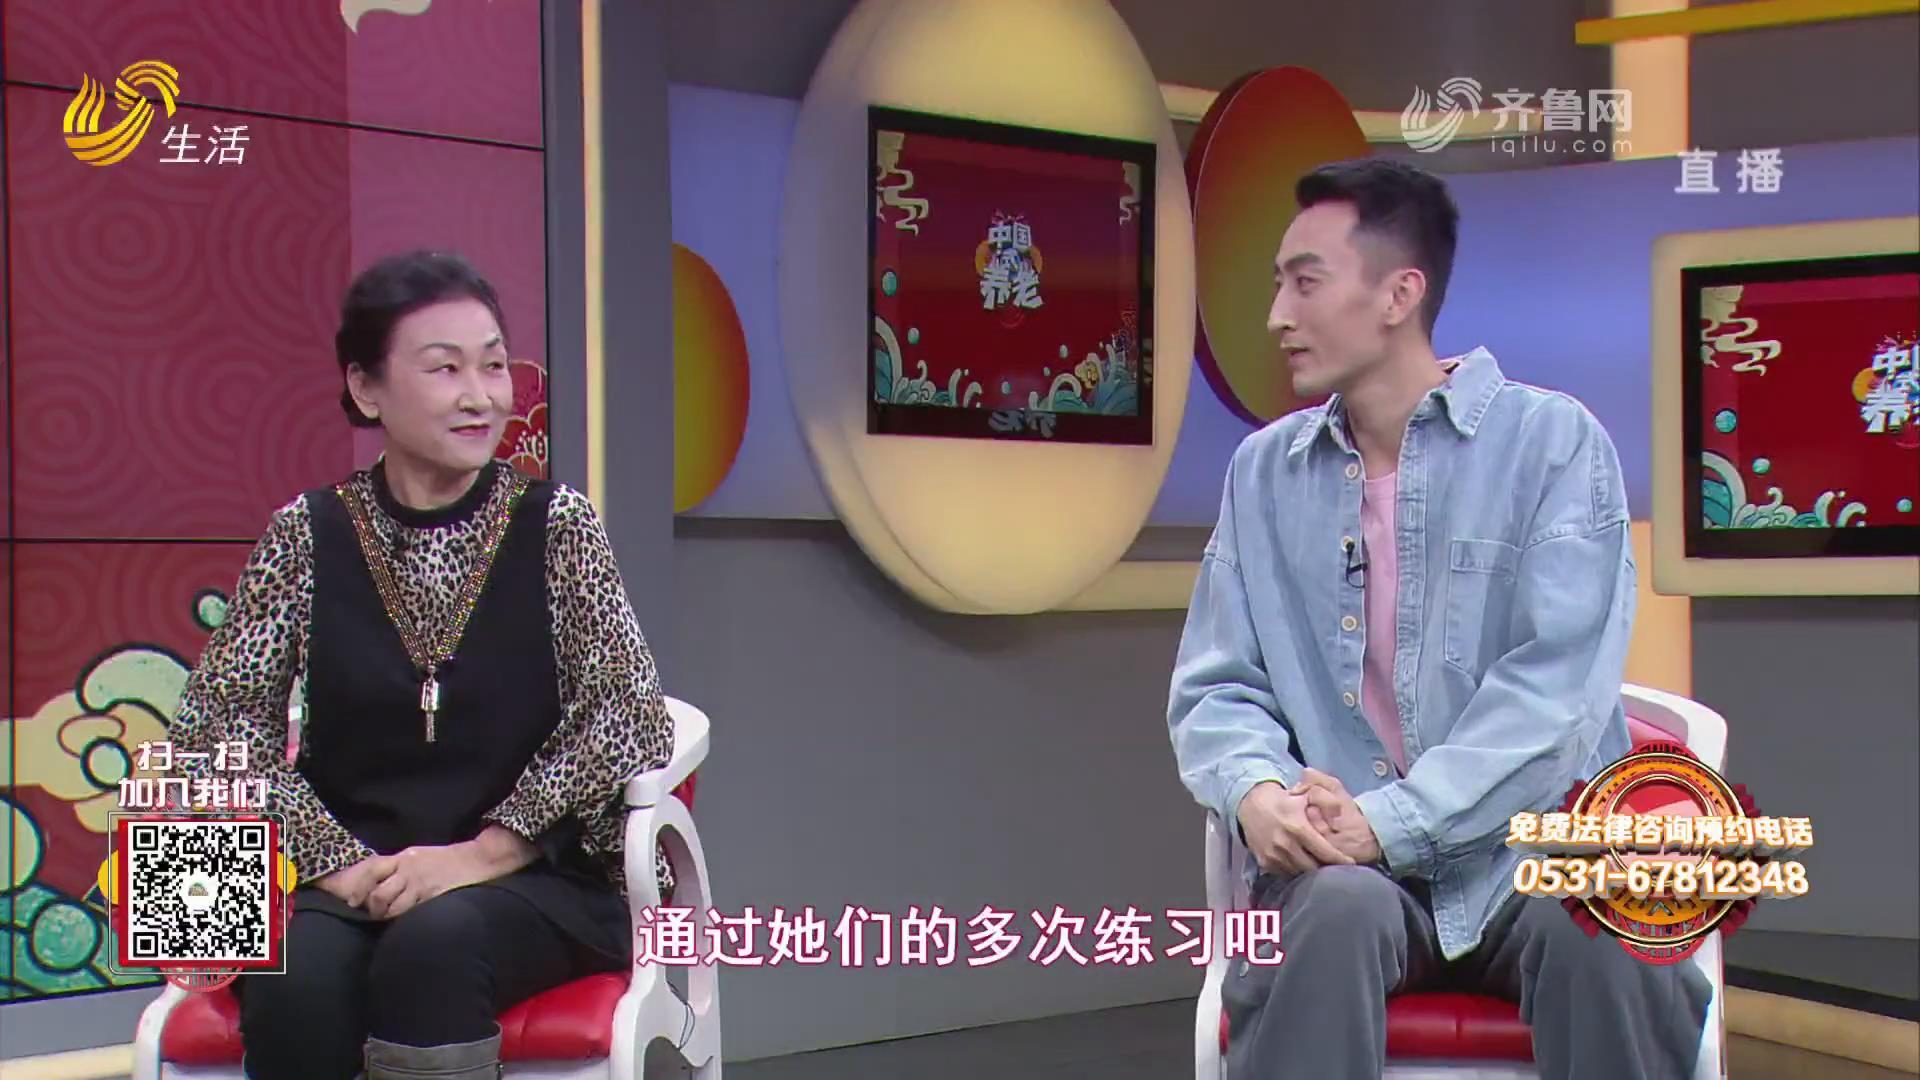 中国式养老- 分毫不差:争做青岛最整齐的健身秧歌队